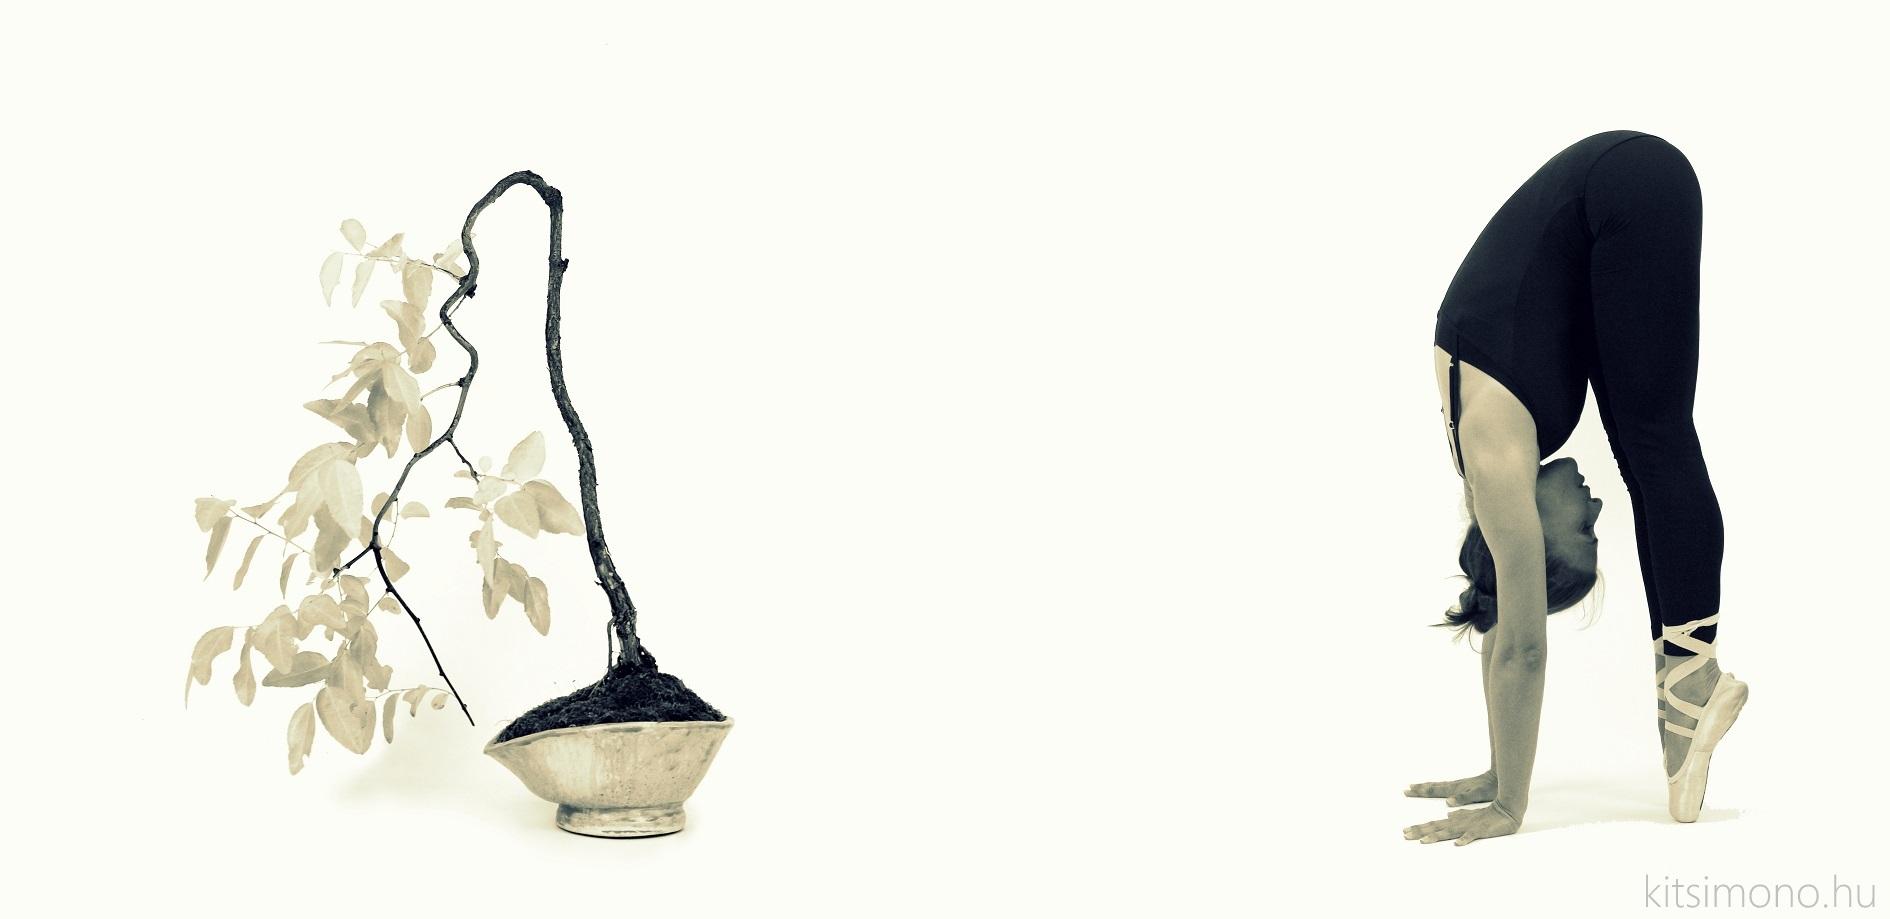 zizifus jujuba másolata másolata